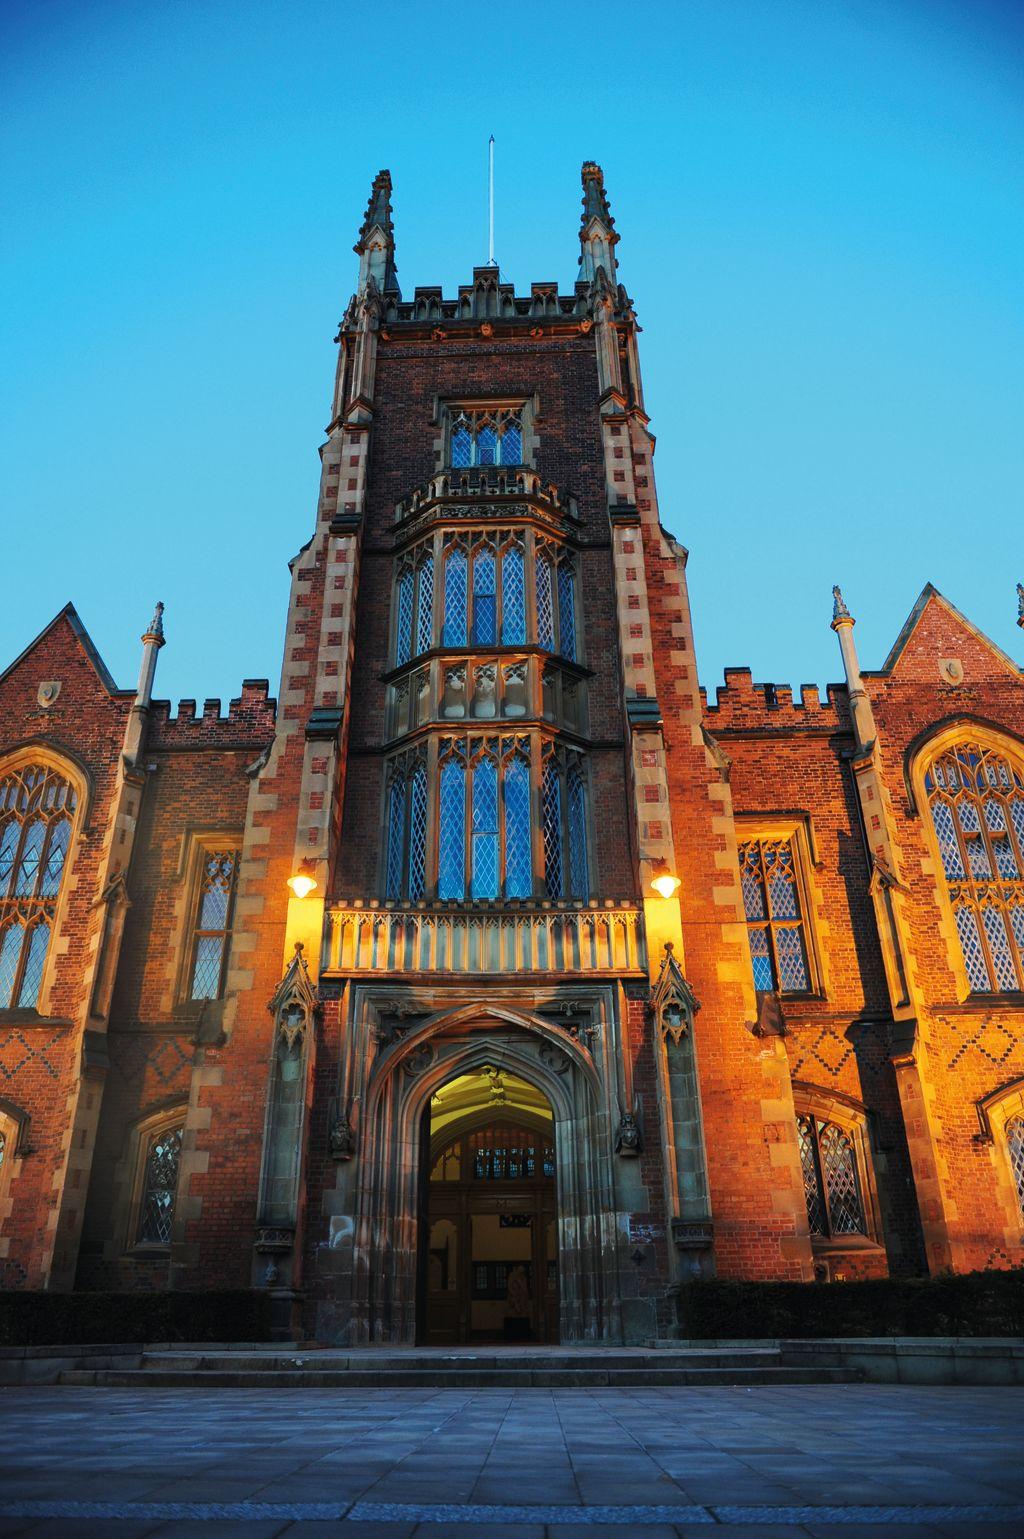 Entrance to Queen's University Belfast